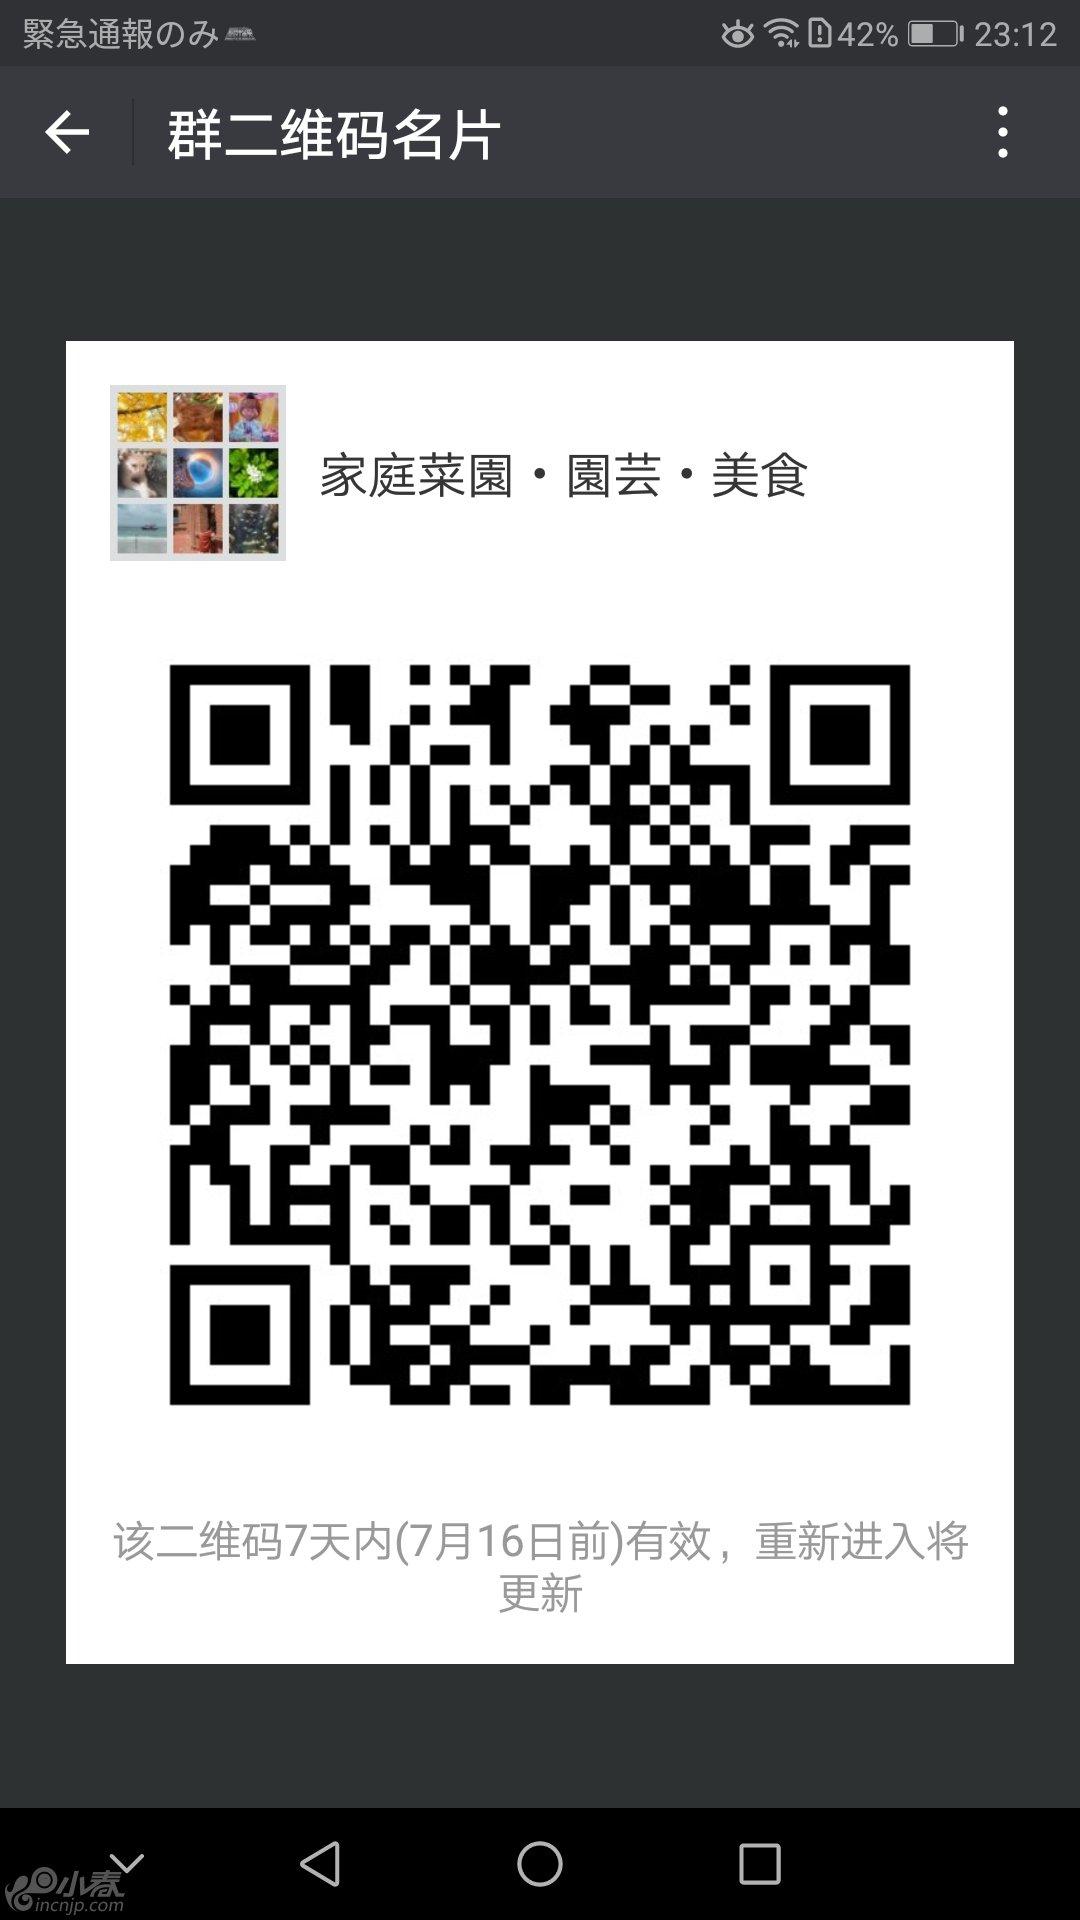 Screenshot_20180709-231241.jpg